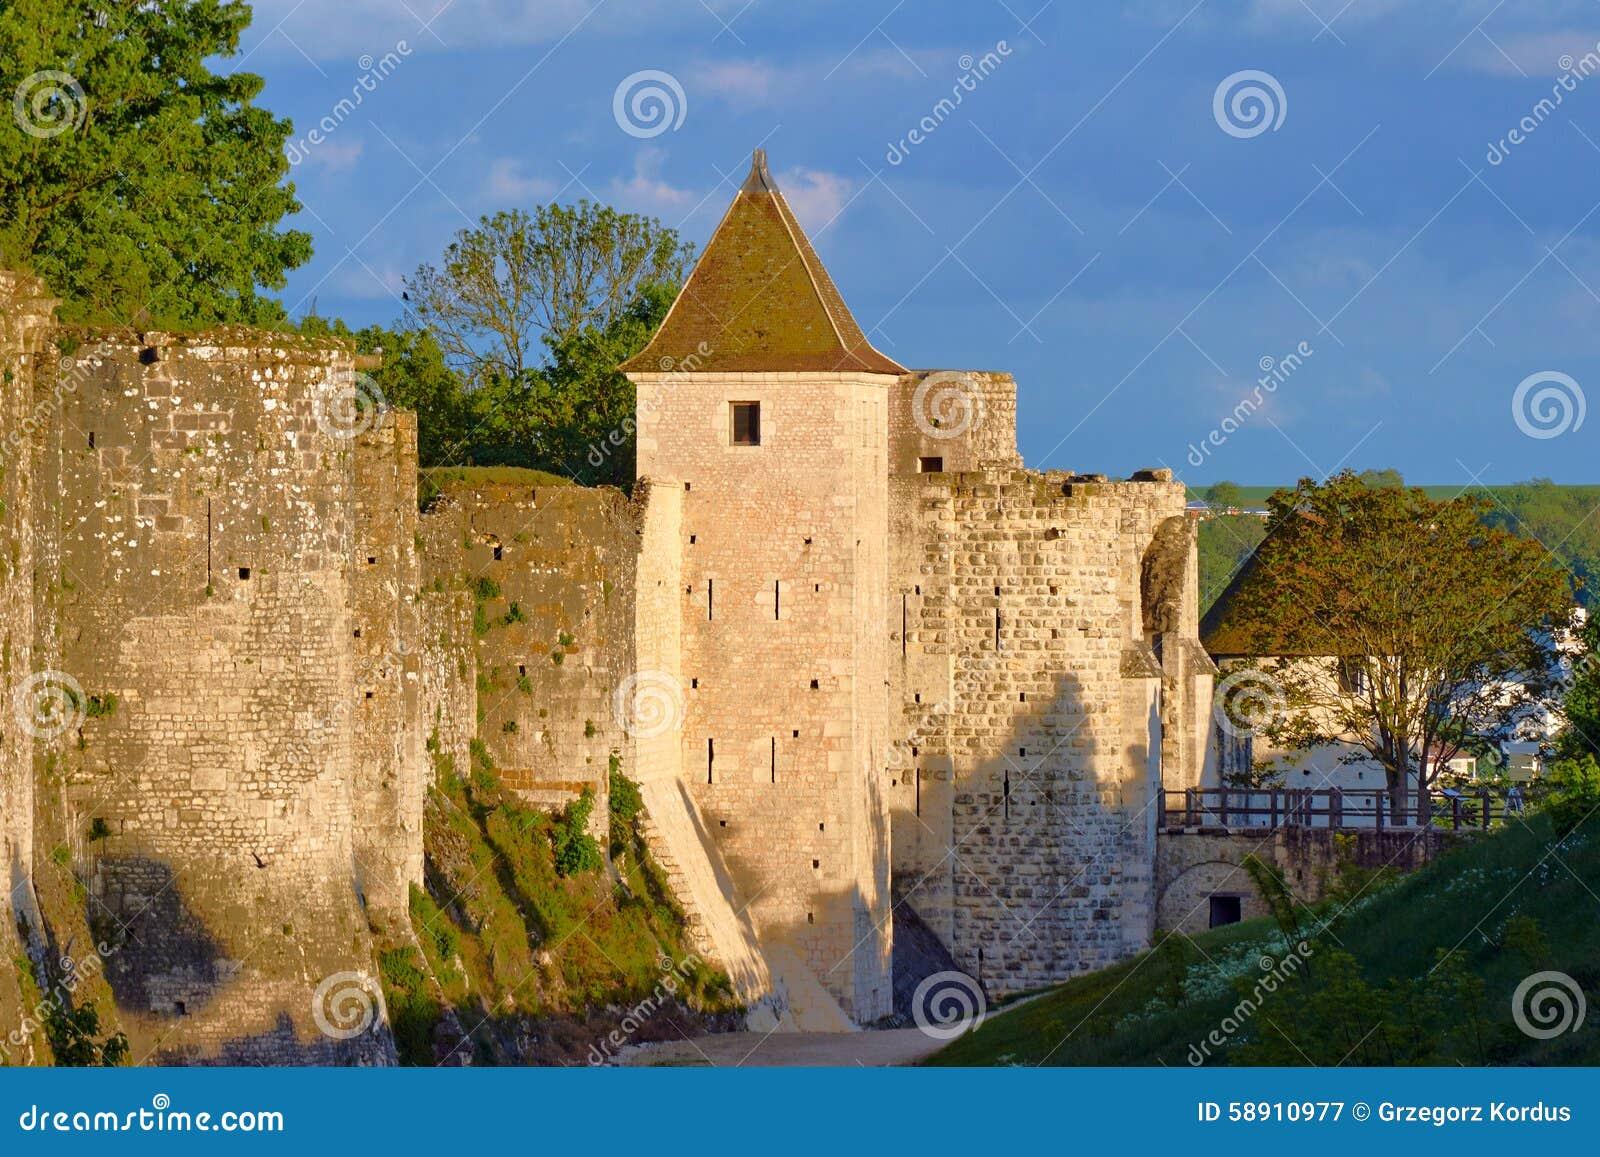 Les tours et les remparts médiévaux